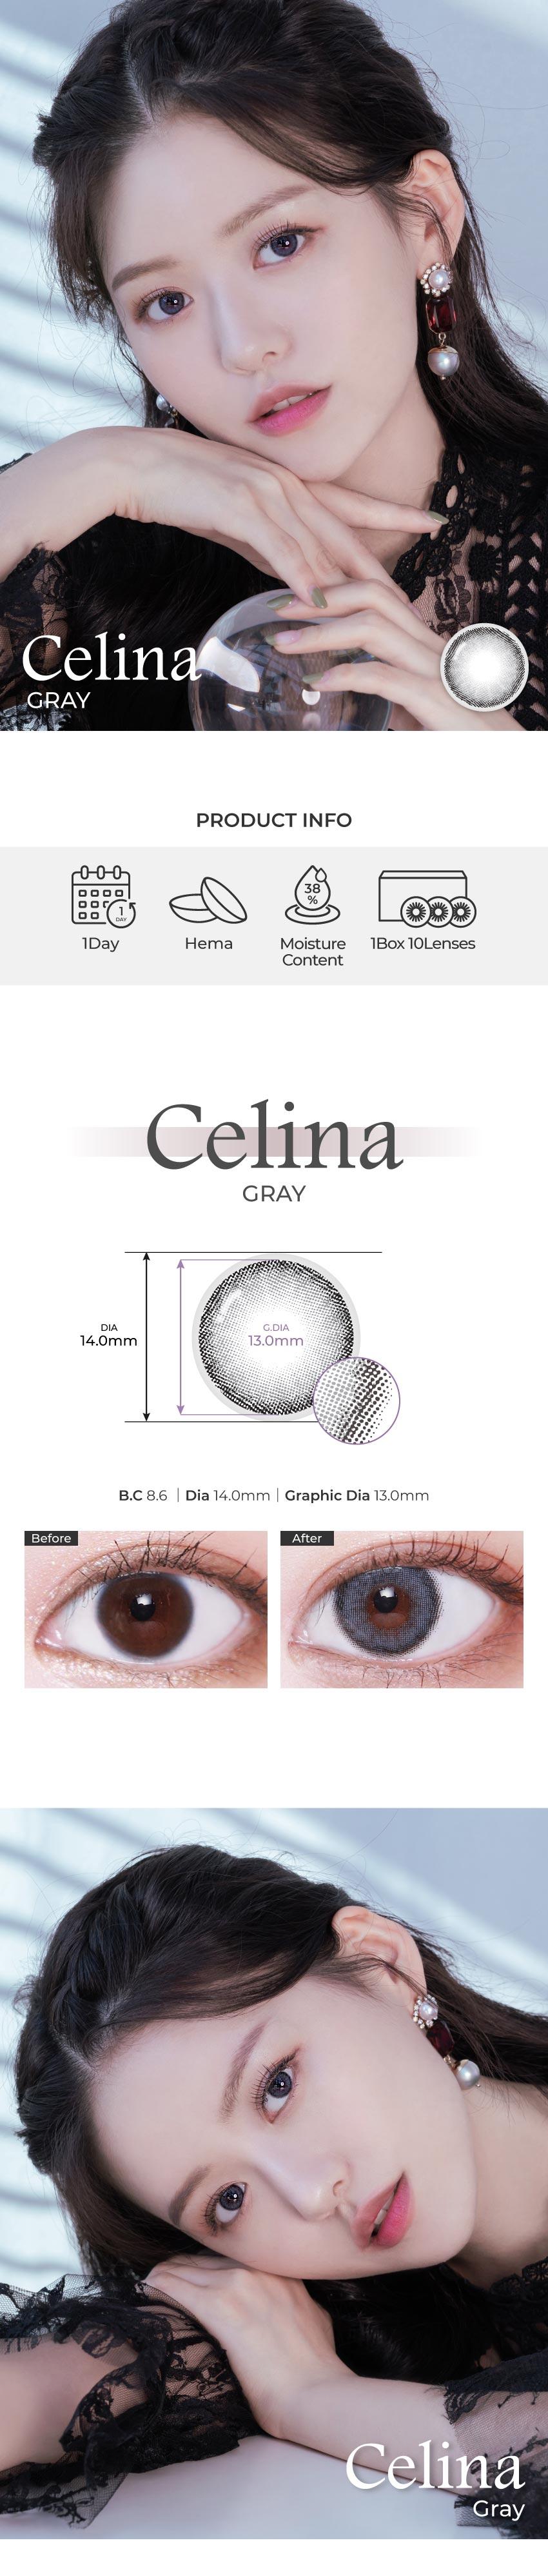 celina-gray-korean-circle-lenses1.jpg